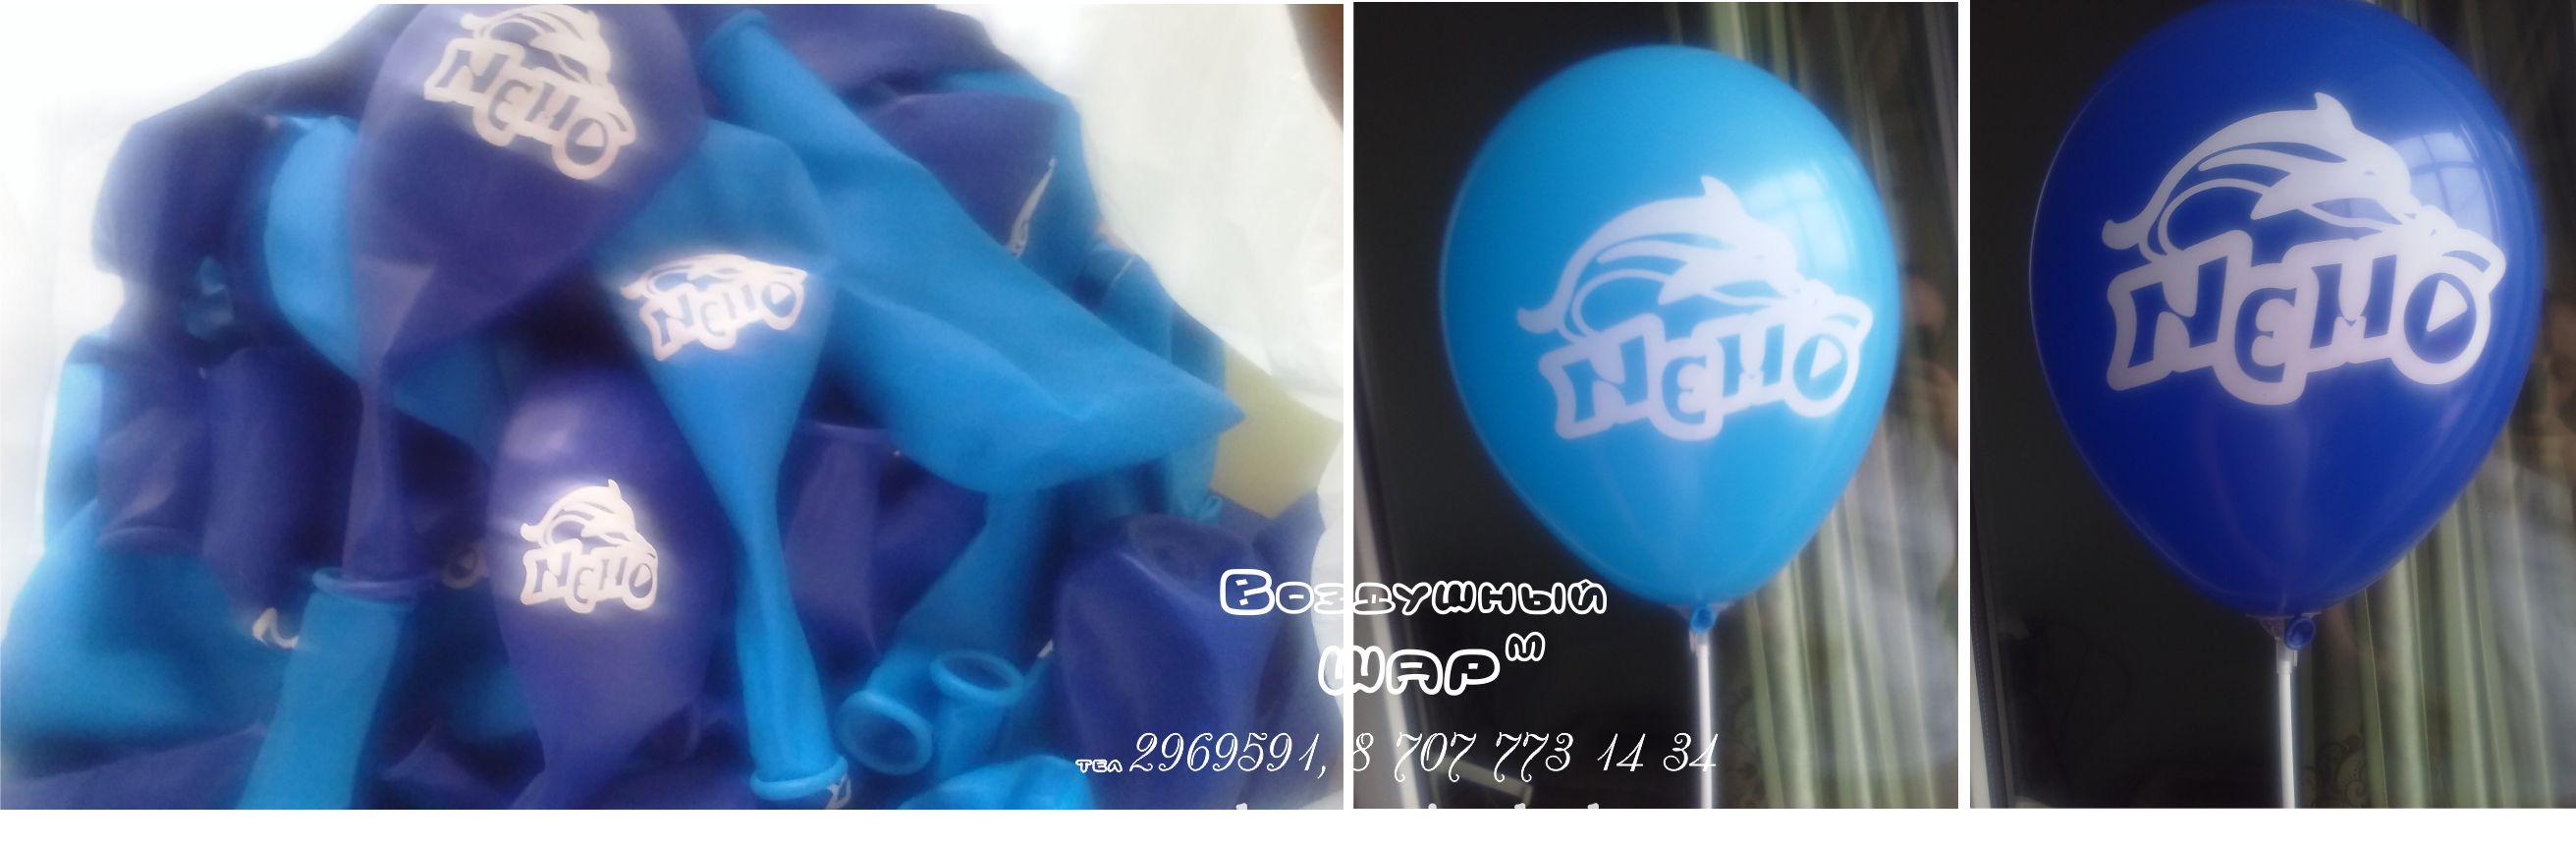 печать_логотипа_на_шарах_алматы_синие_и_голубые_шары.jpg